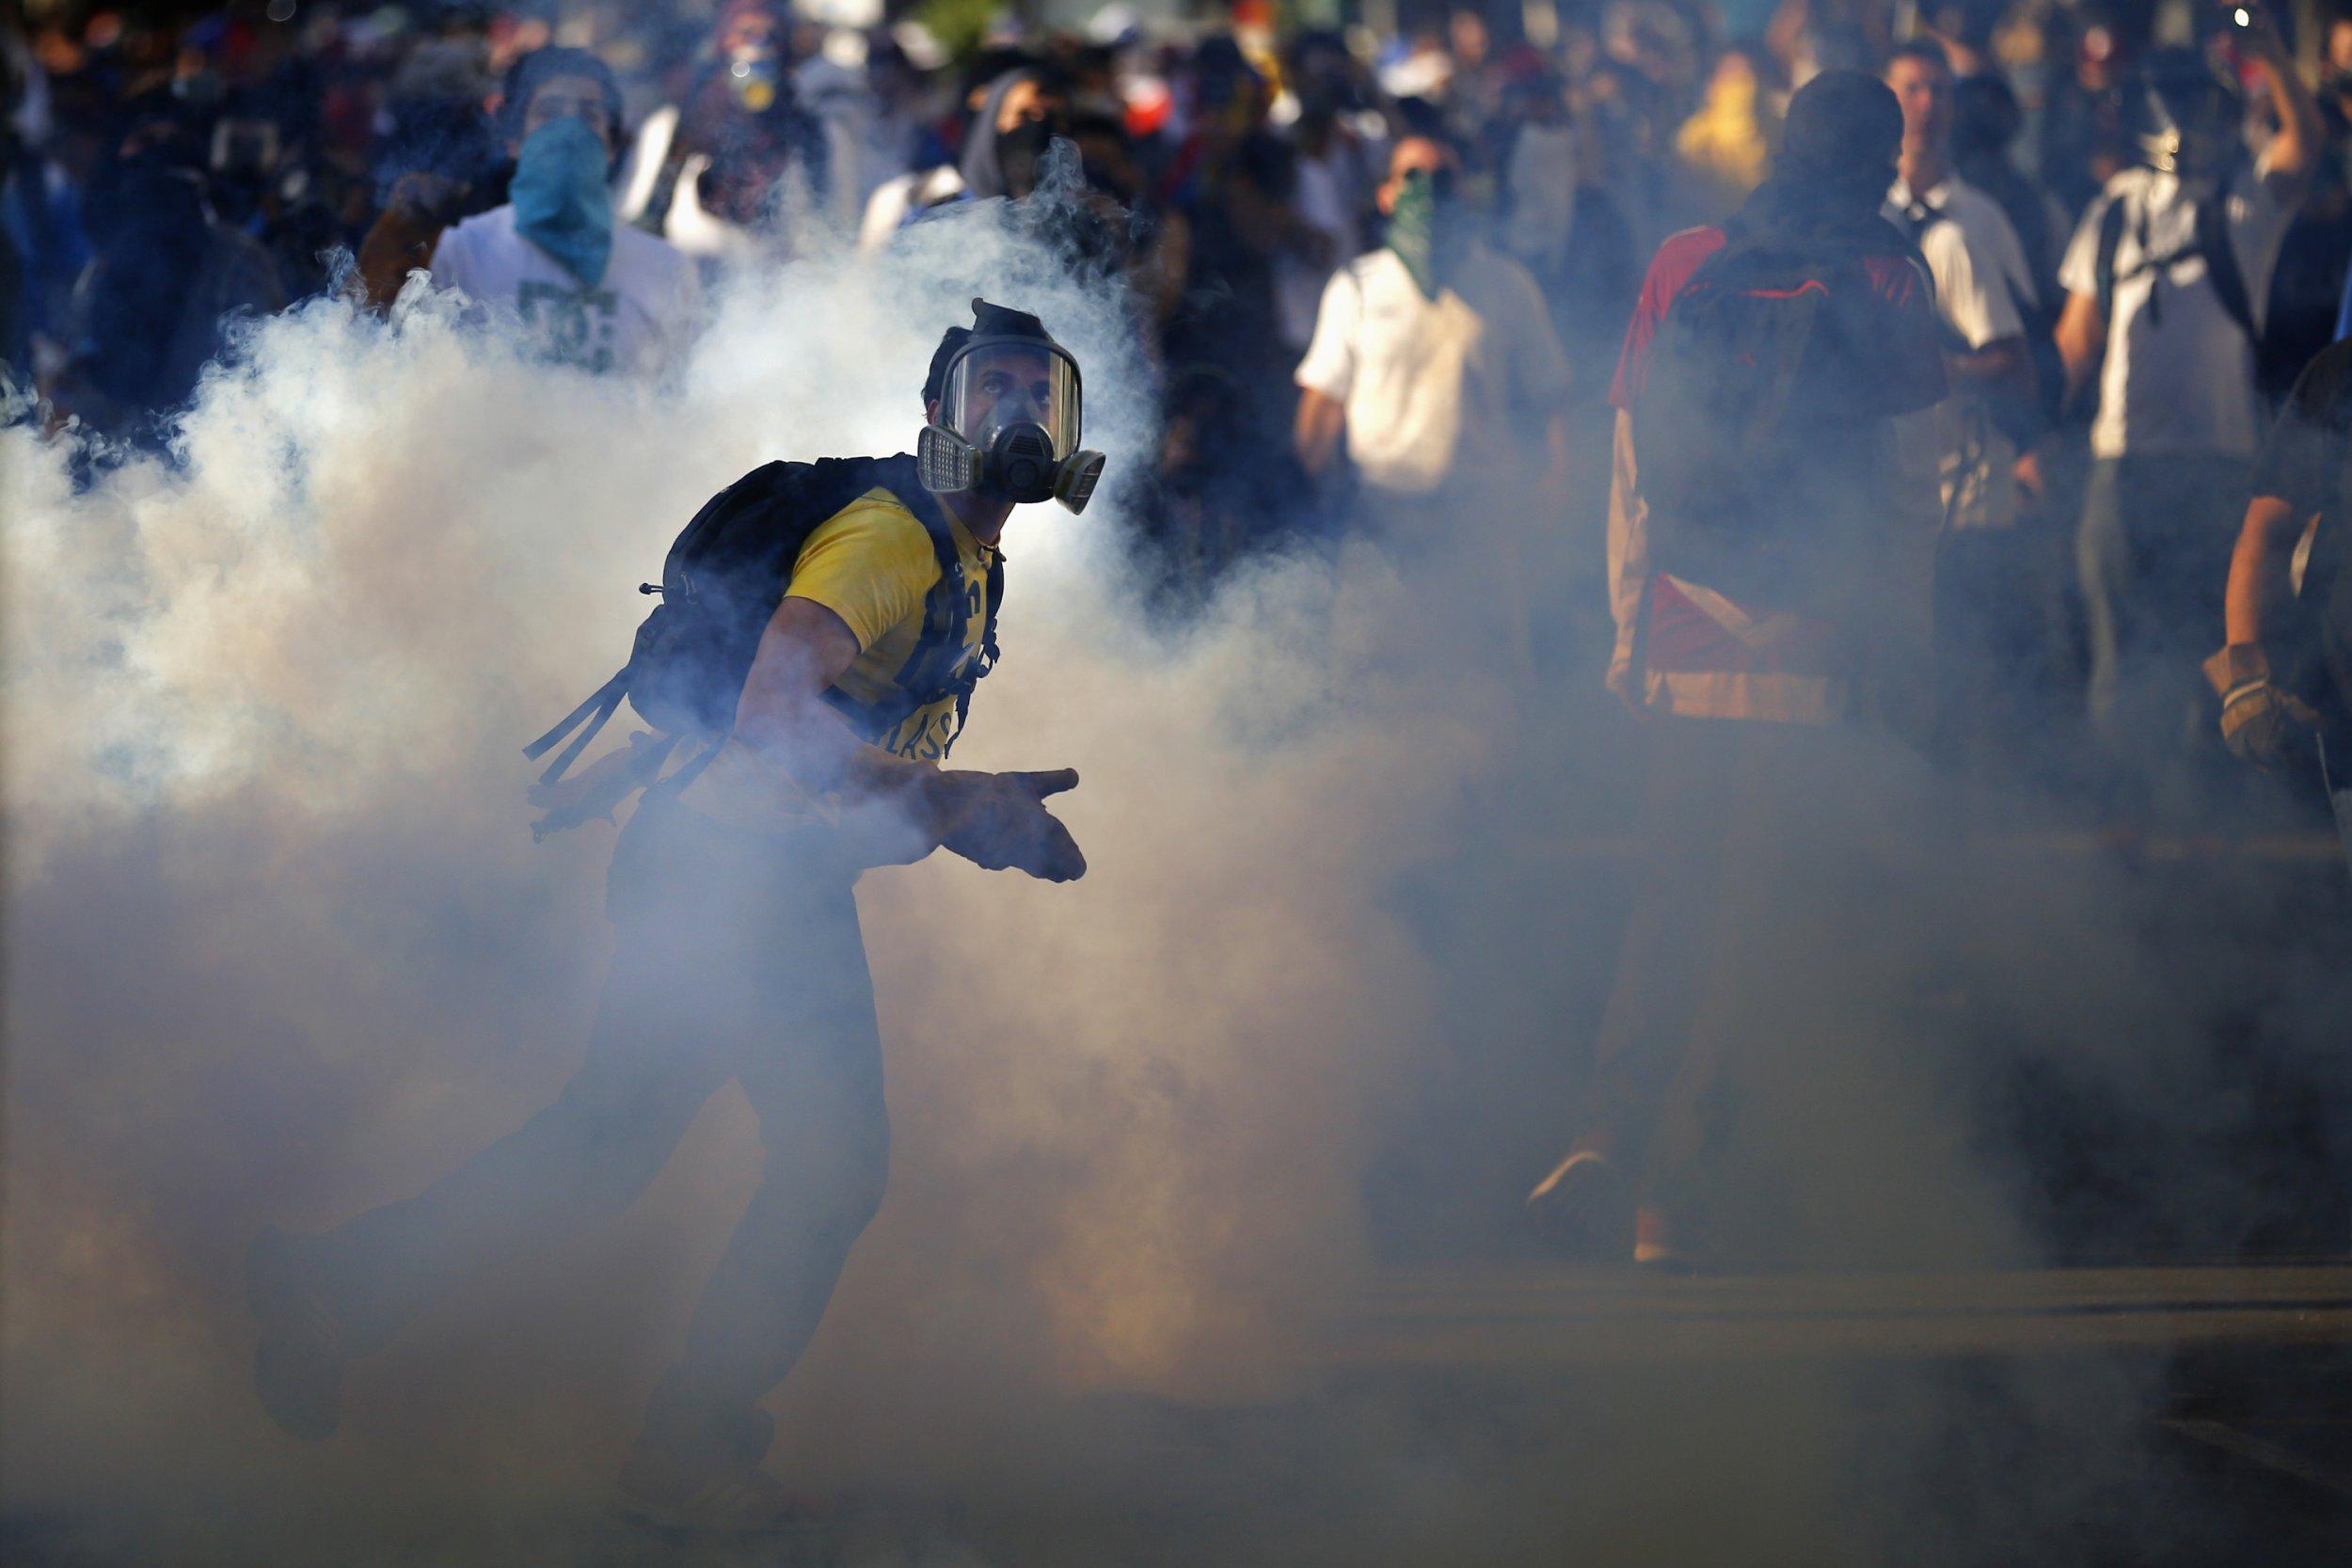 Protest Tactics Tactics as Protests Spread